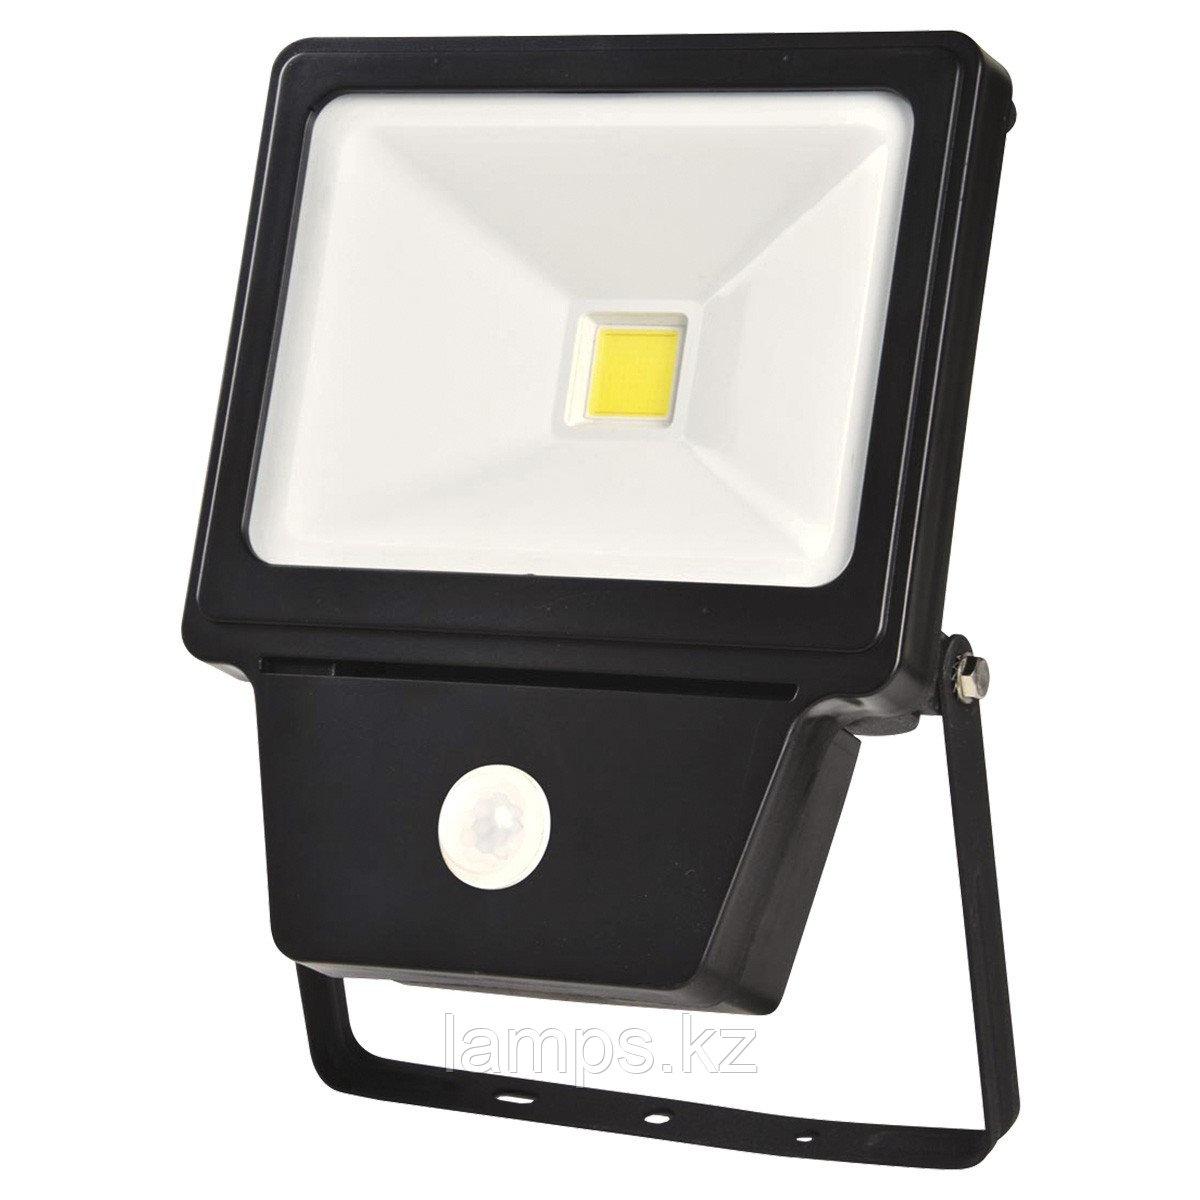 Светодиодный прожектор с датчиком движения. LED COB SENSOR 50W BLACK 6000K